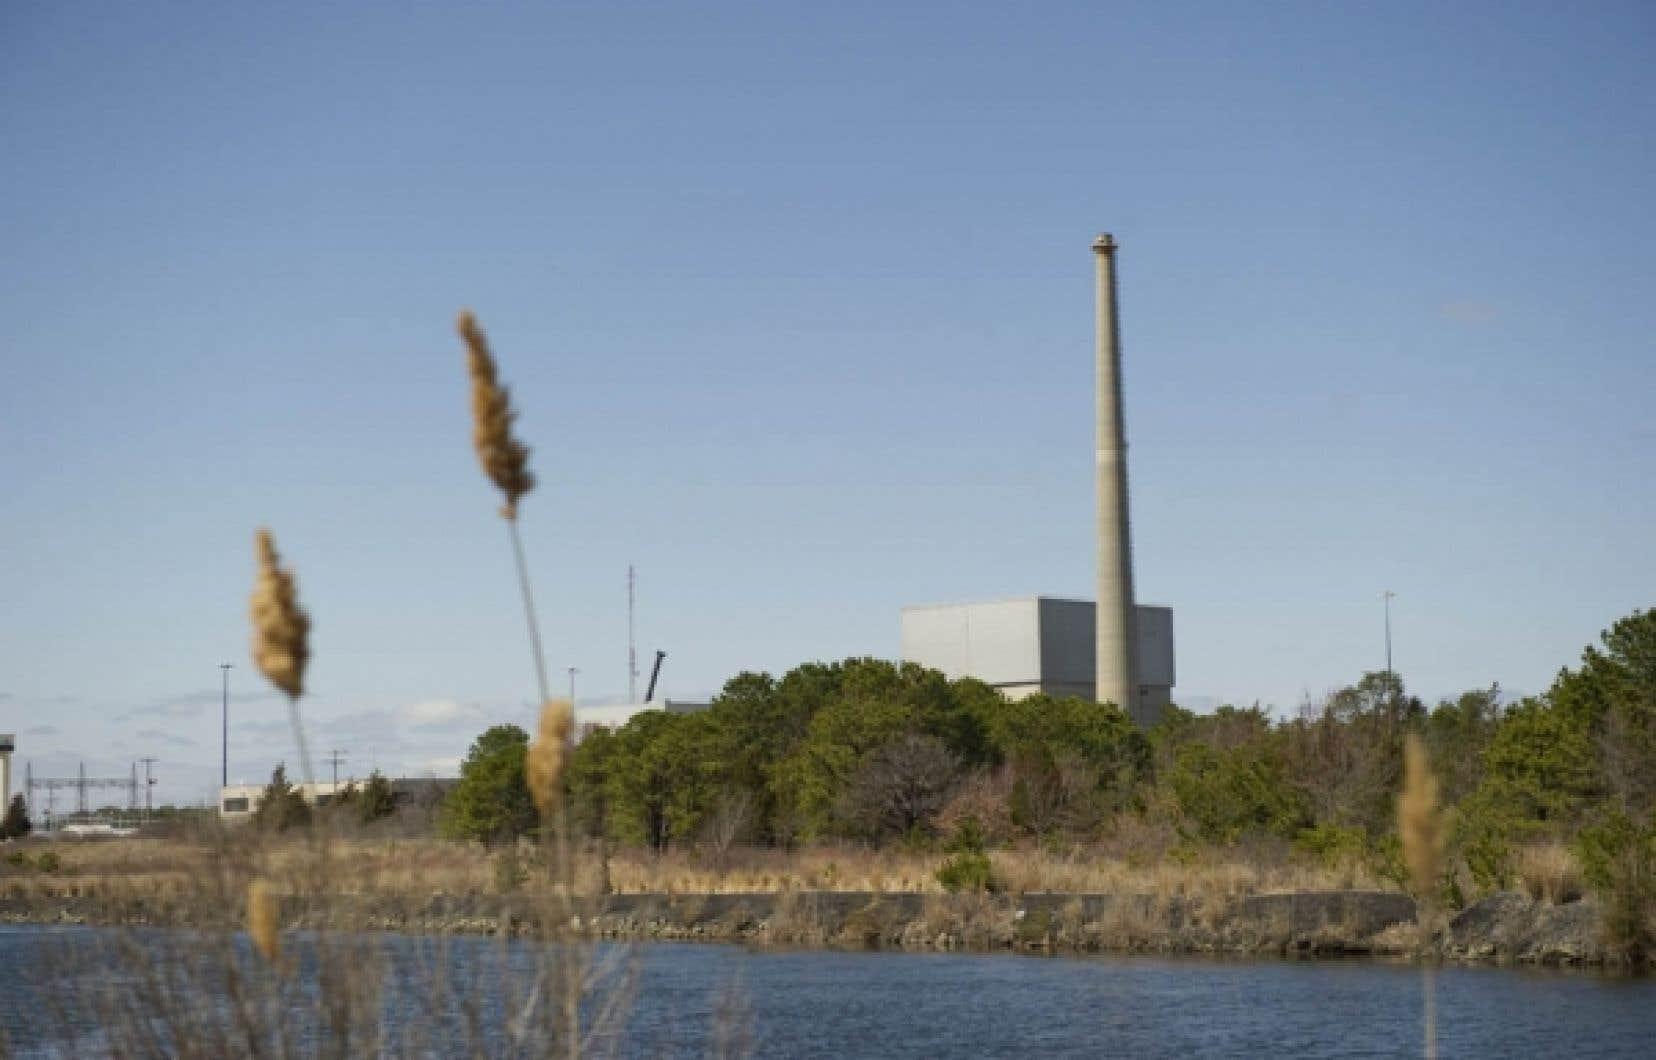 La centrale nucléaire d'Oyster Creek, dans le New Jersey. Un sondage du Pew Research Center for People & the Press indique que 52 % des Étasuniens s'opposent désormais à l'essor du nucléaire.